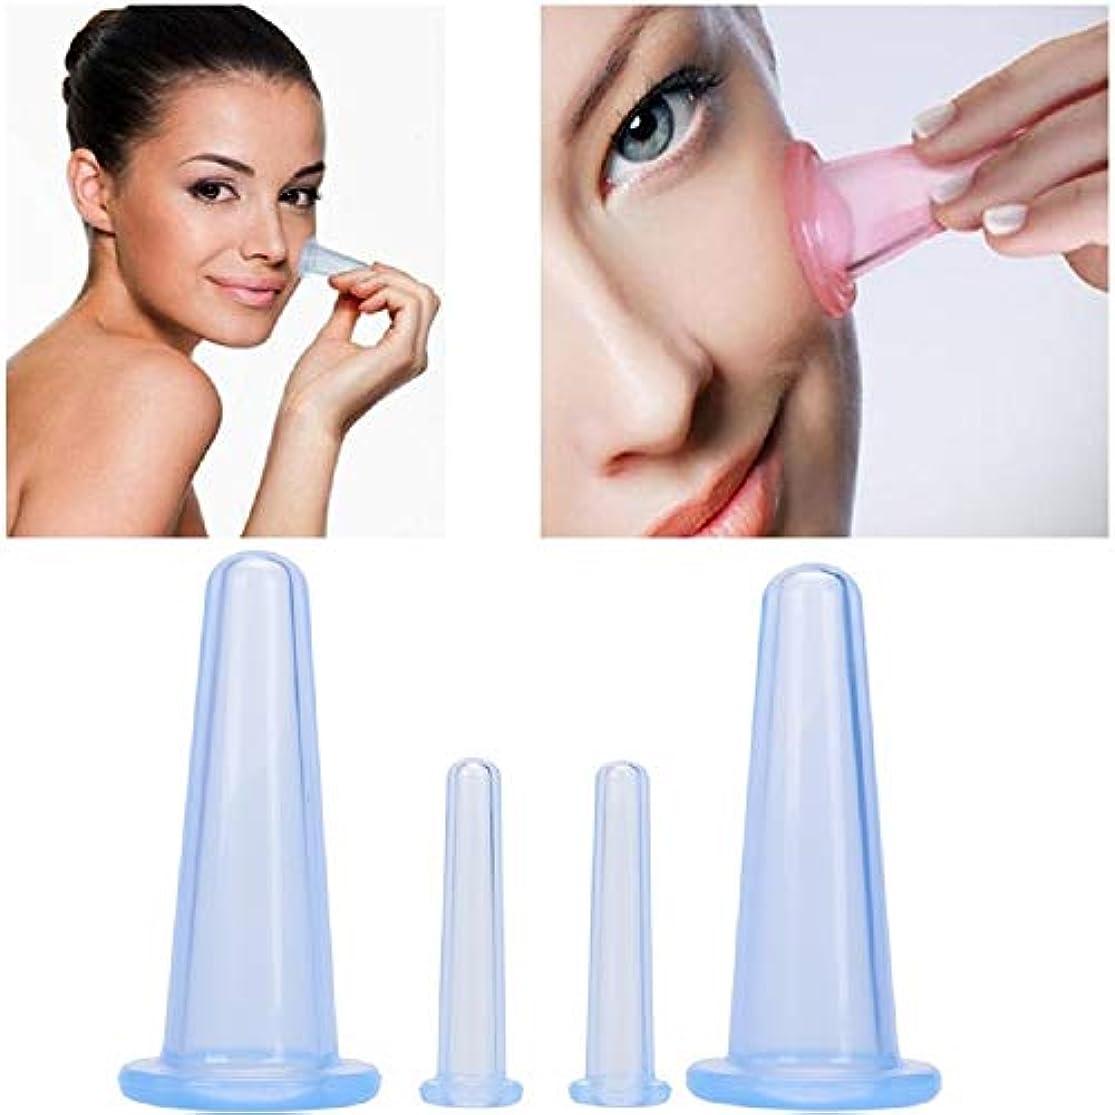 プランテーション伝説週末4Pcs/set Silicone Facial Massage Cups Mini Eye Face Vacuum Cupping Therapy Beauty Face Lifting Massager シリコーンフェイシャルマッサージカップミニアイフェイス...